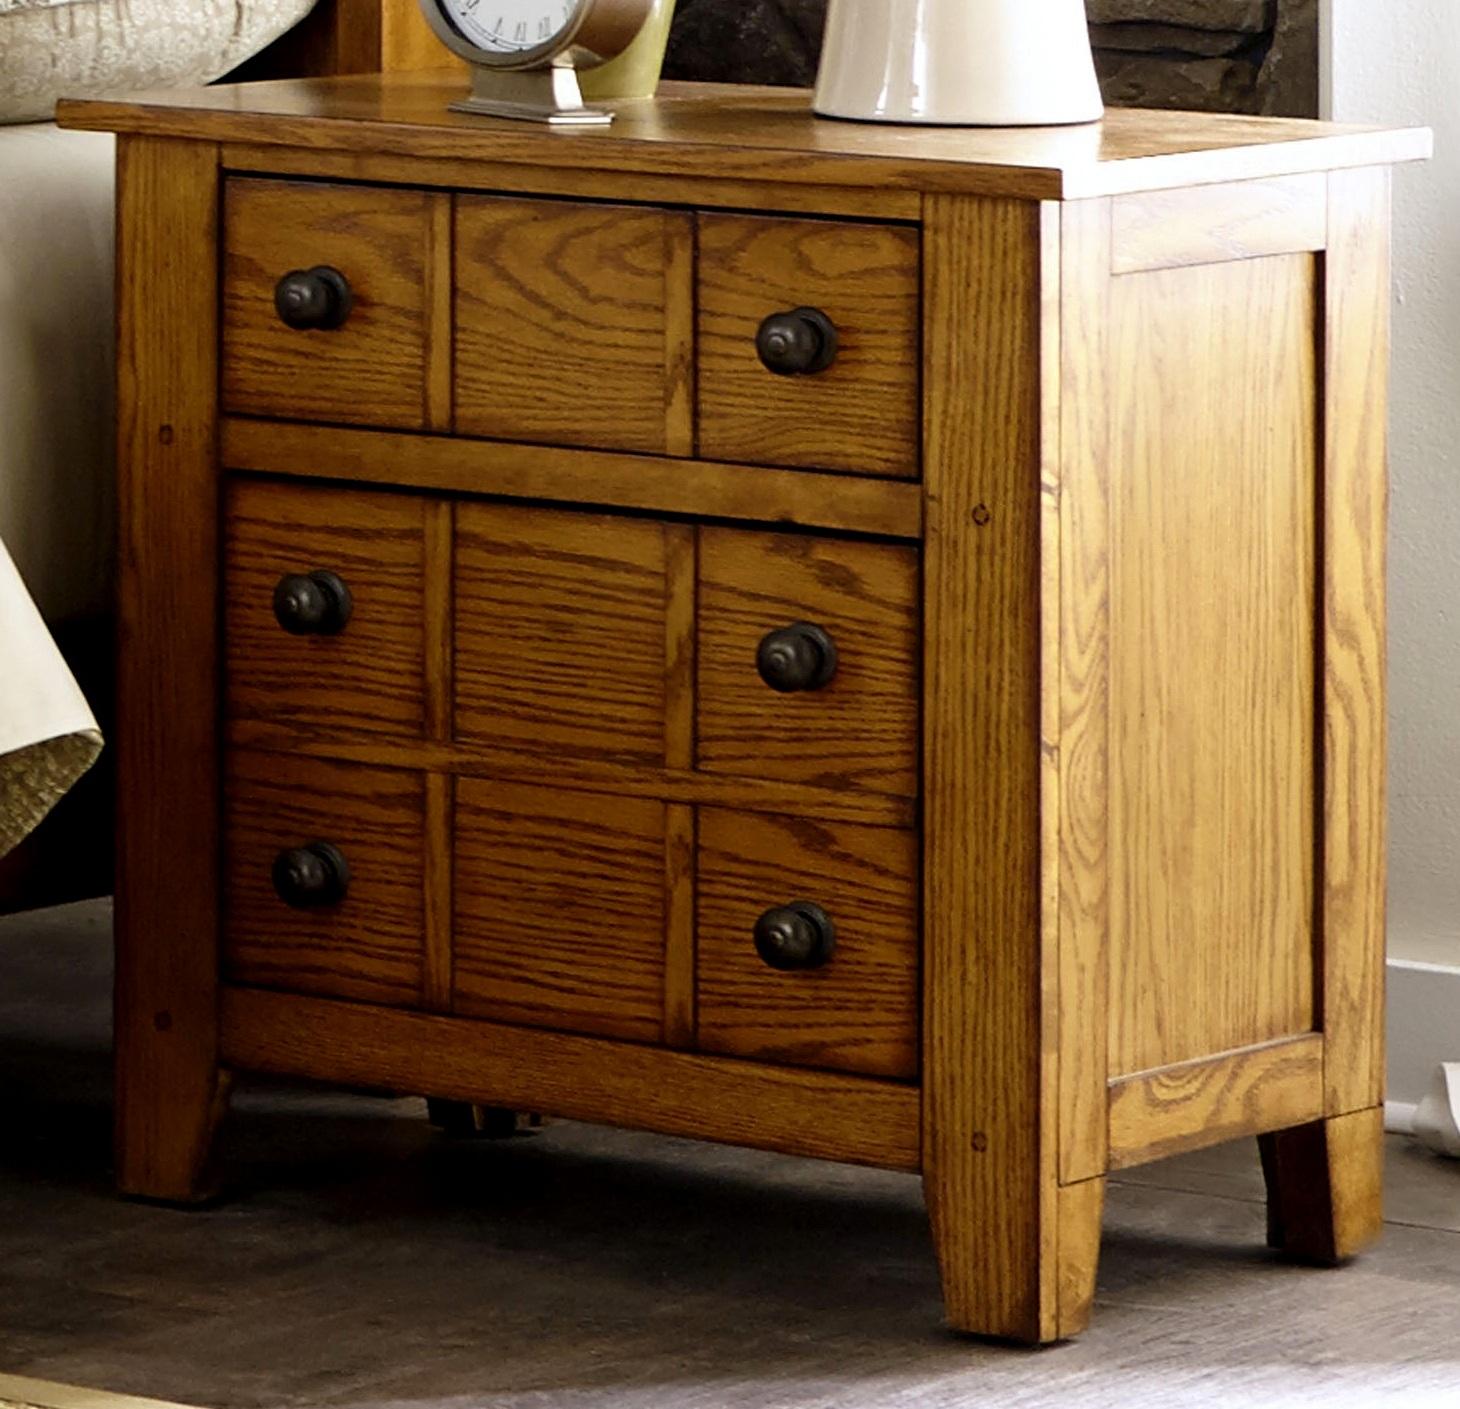 American design furniture by american design furniture for American living style furniture